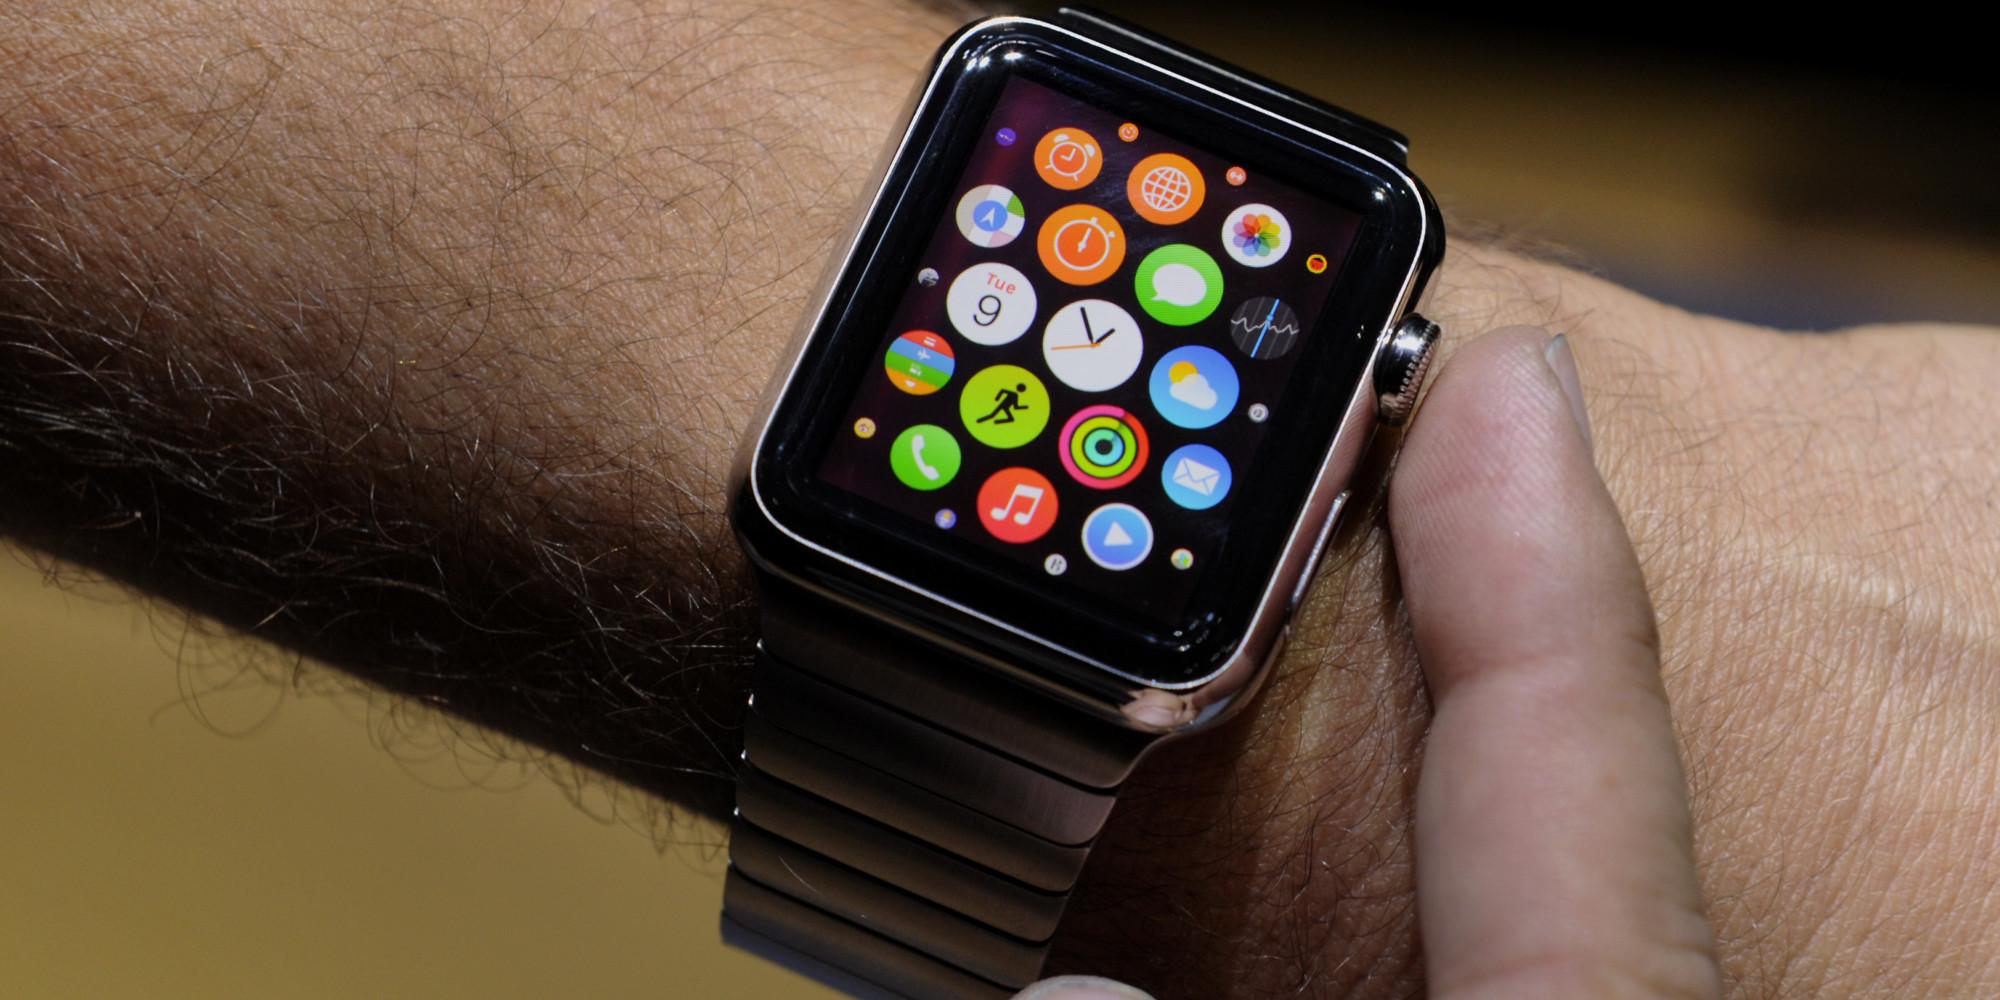 Apple habría vendido 3,5 millones de smartwatches en el segundo trimestre de 2018